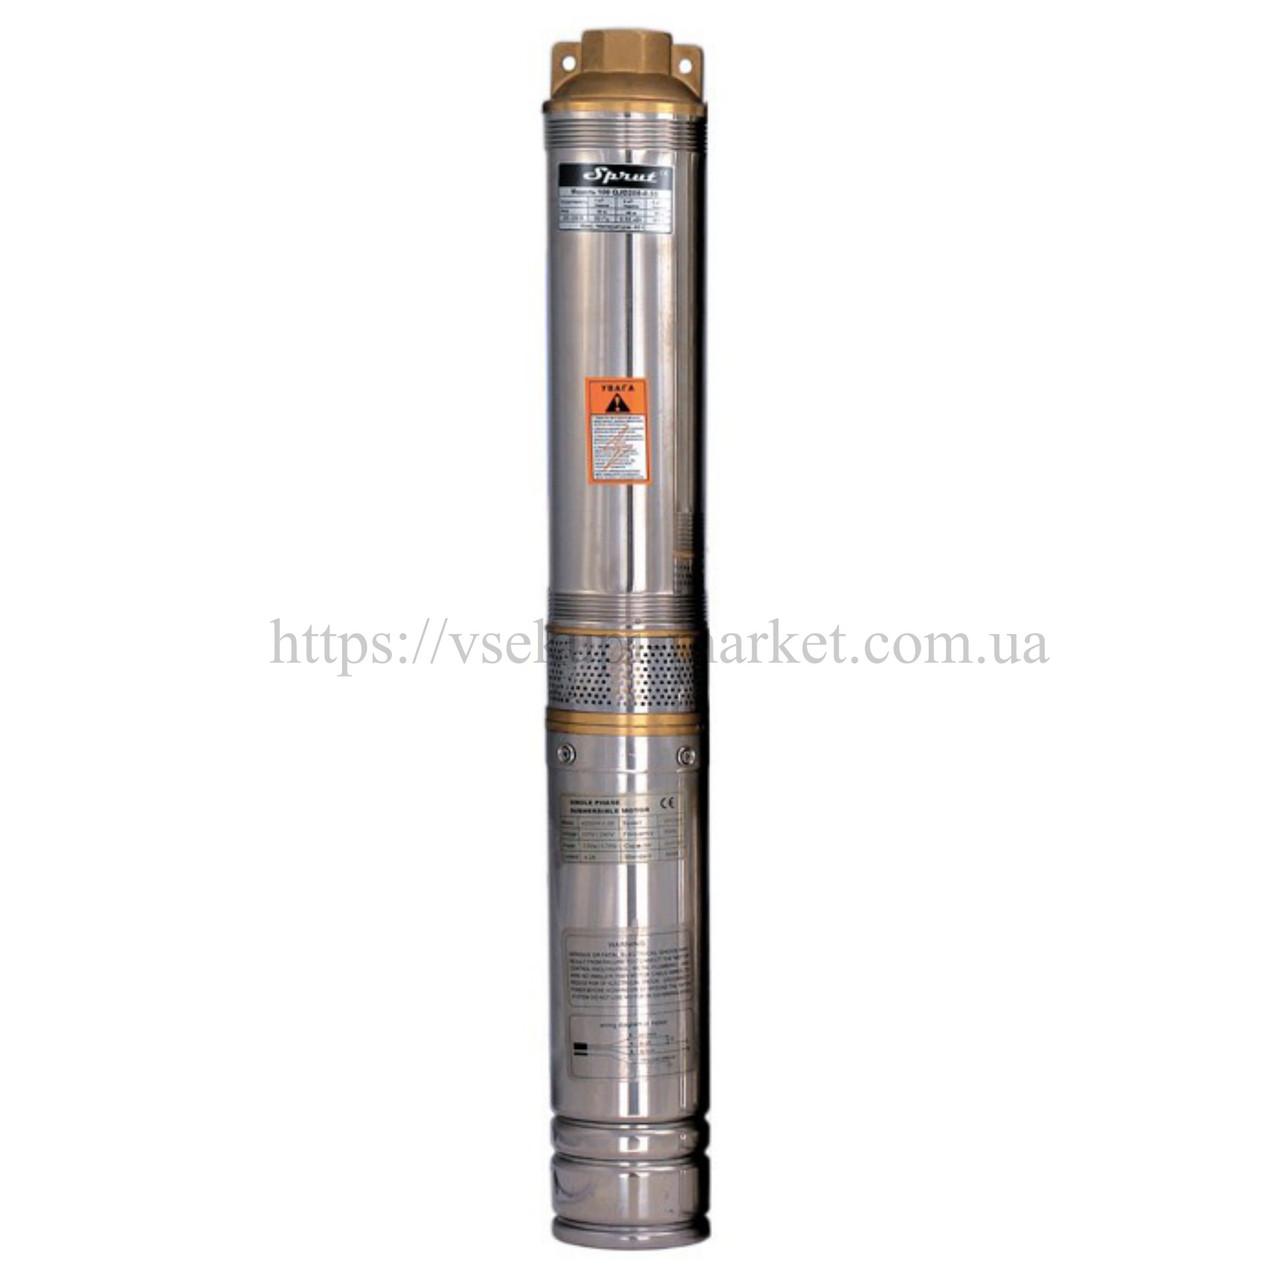 Скважинный насос SPRUT 100QJ 220-1.5 нерж. + пульт